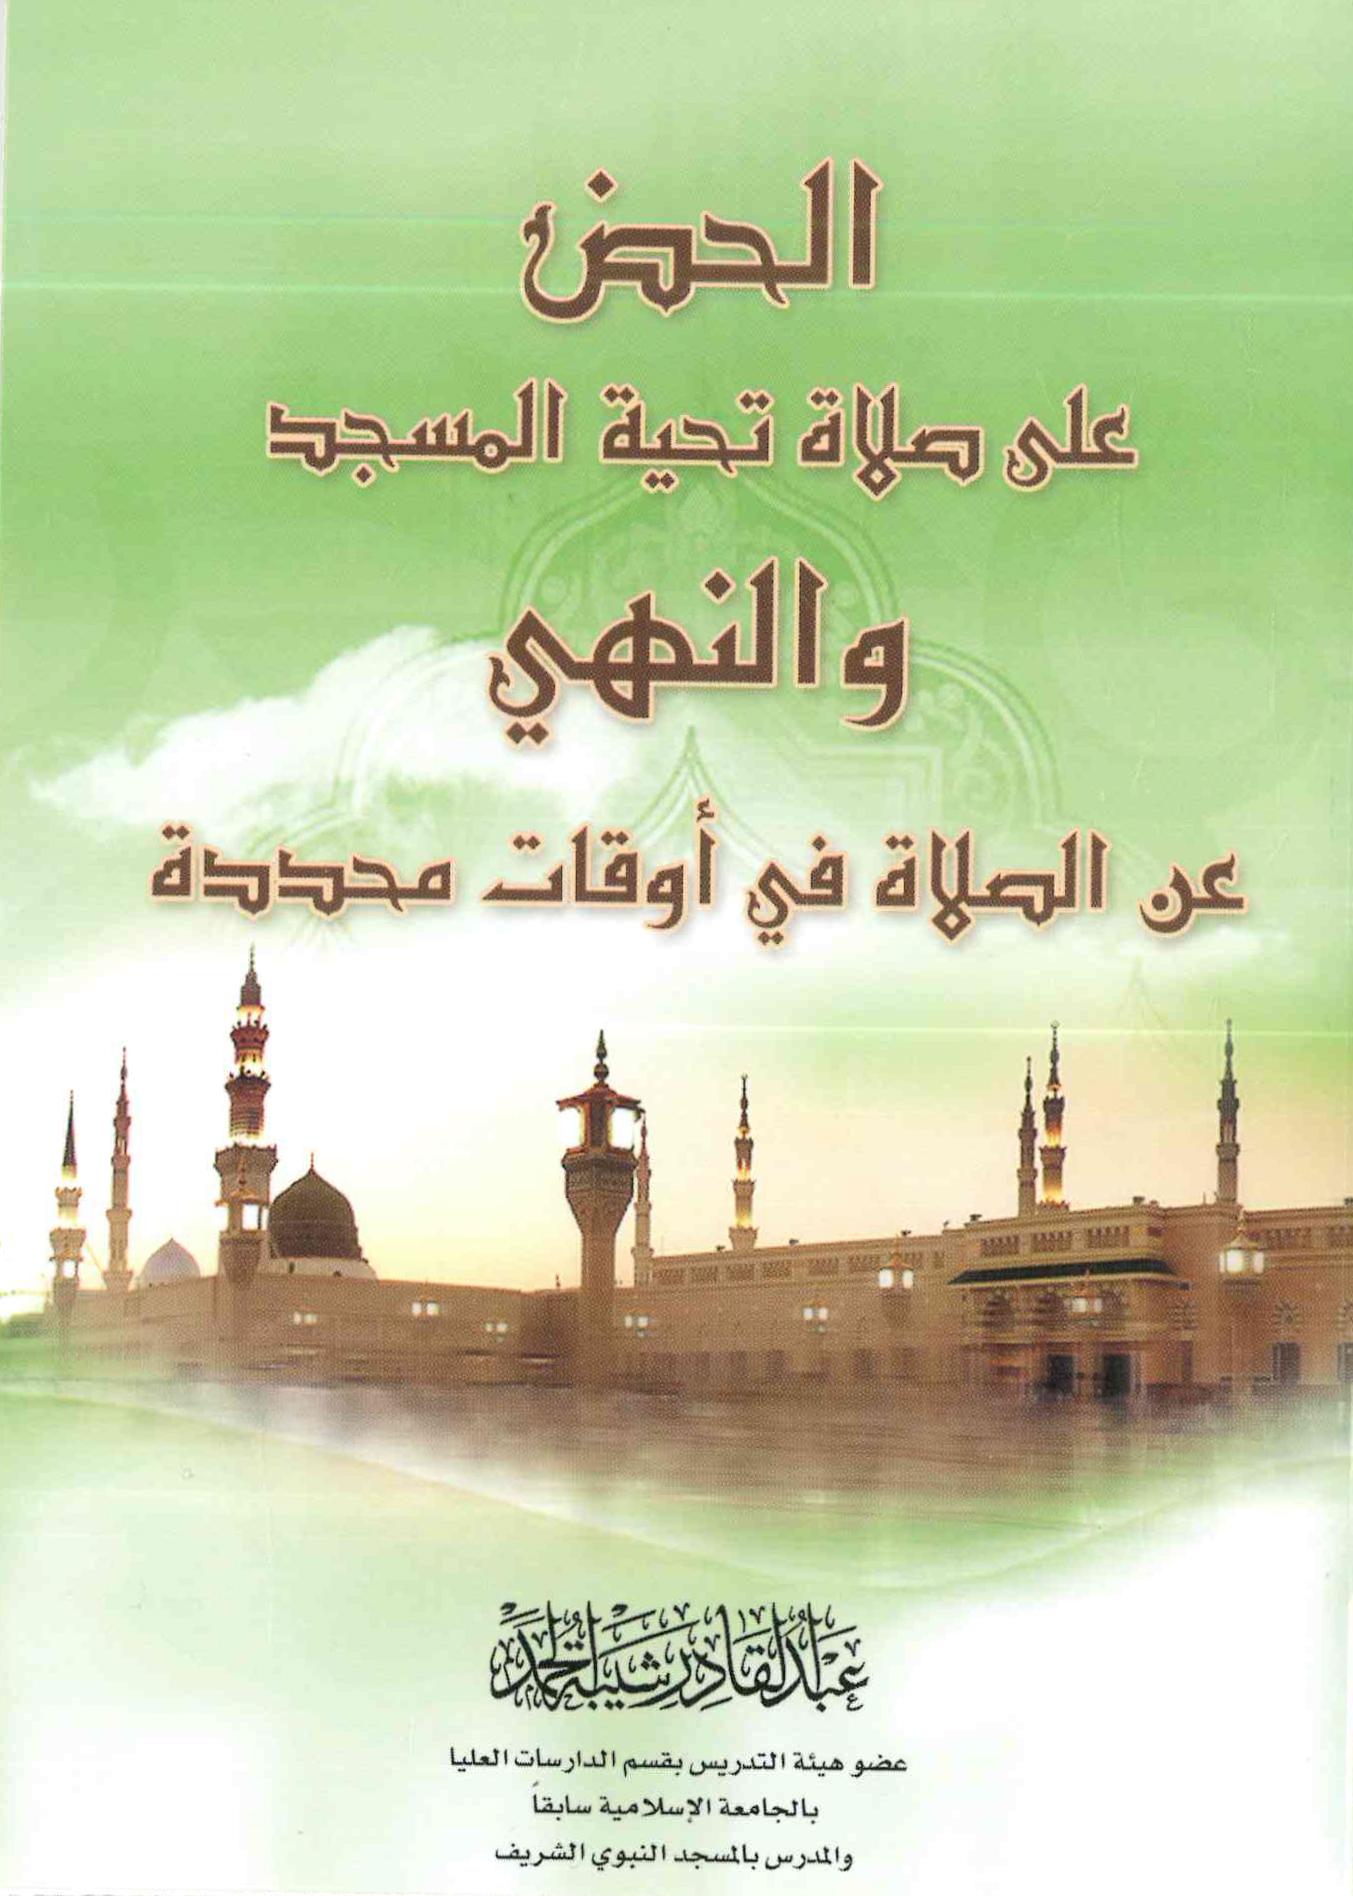 الحض على صلاة تحية المسجد والنهي عن الصلاة في أوقات محددة